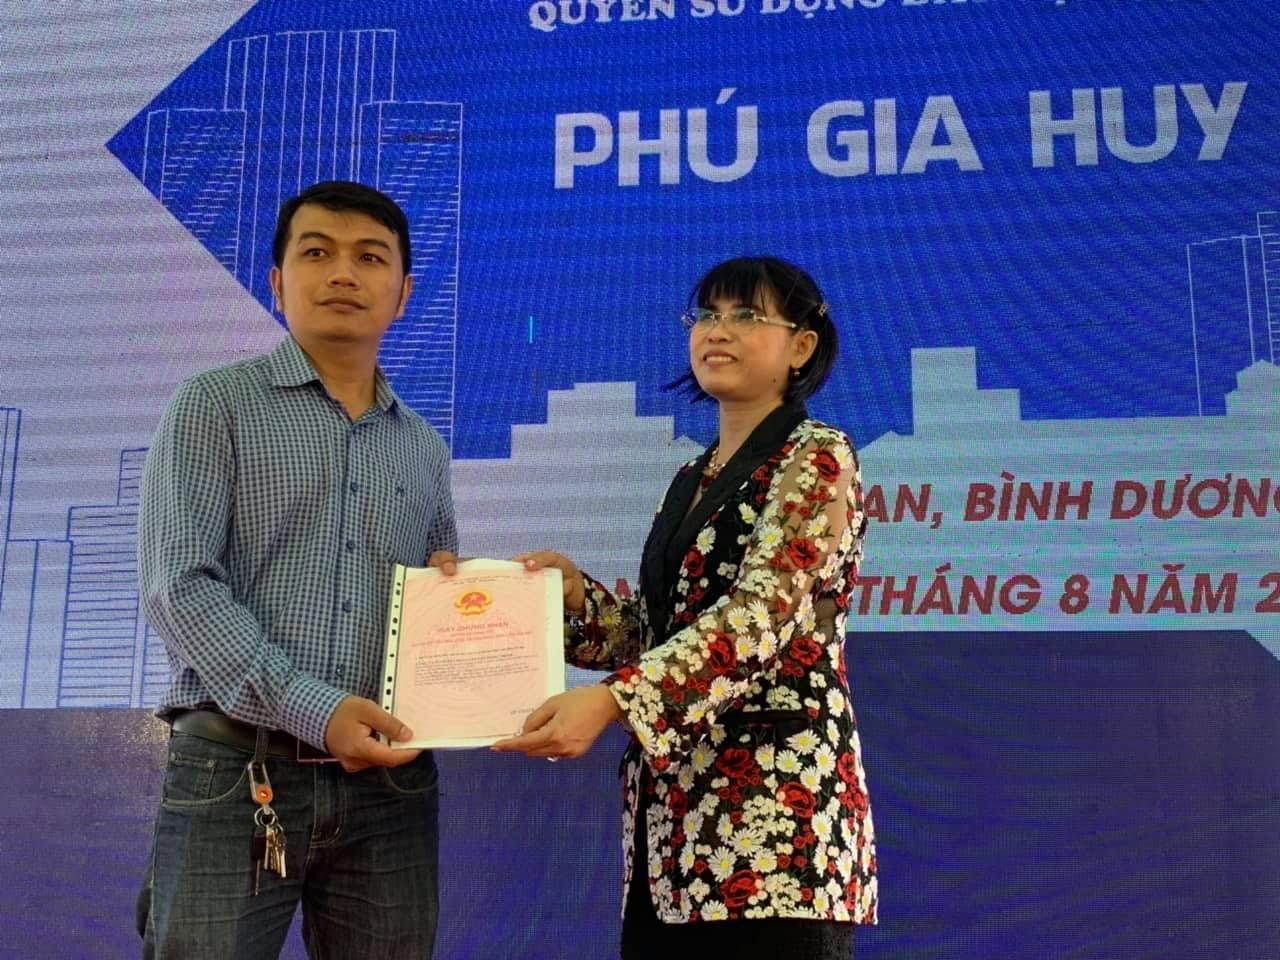 Dự án Phú Hồng Thịnh: Nhiều khách hàng vui mừng vì được trao sổ hồng sớm hơn mong đợi - Ảnh 1